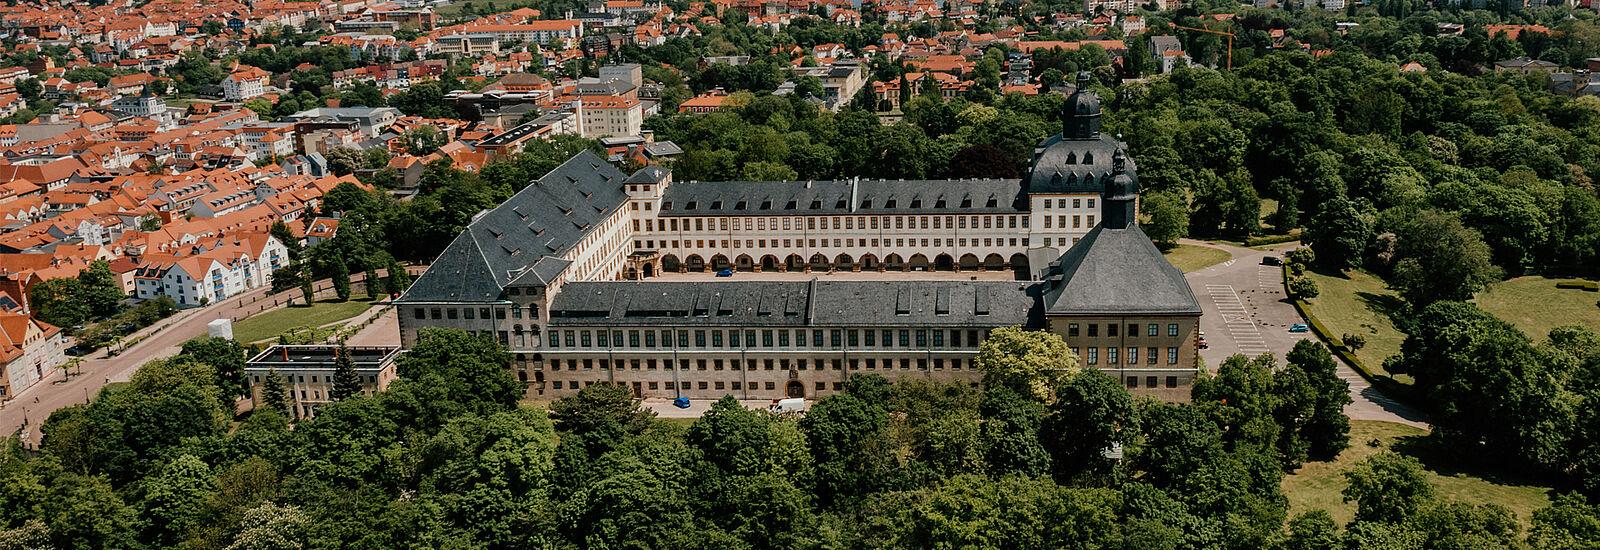 Schloss Friedenstein Gotha ©Aerophoto